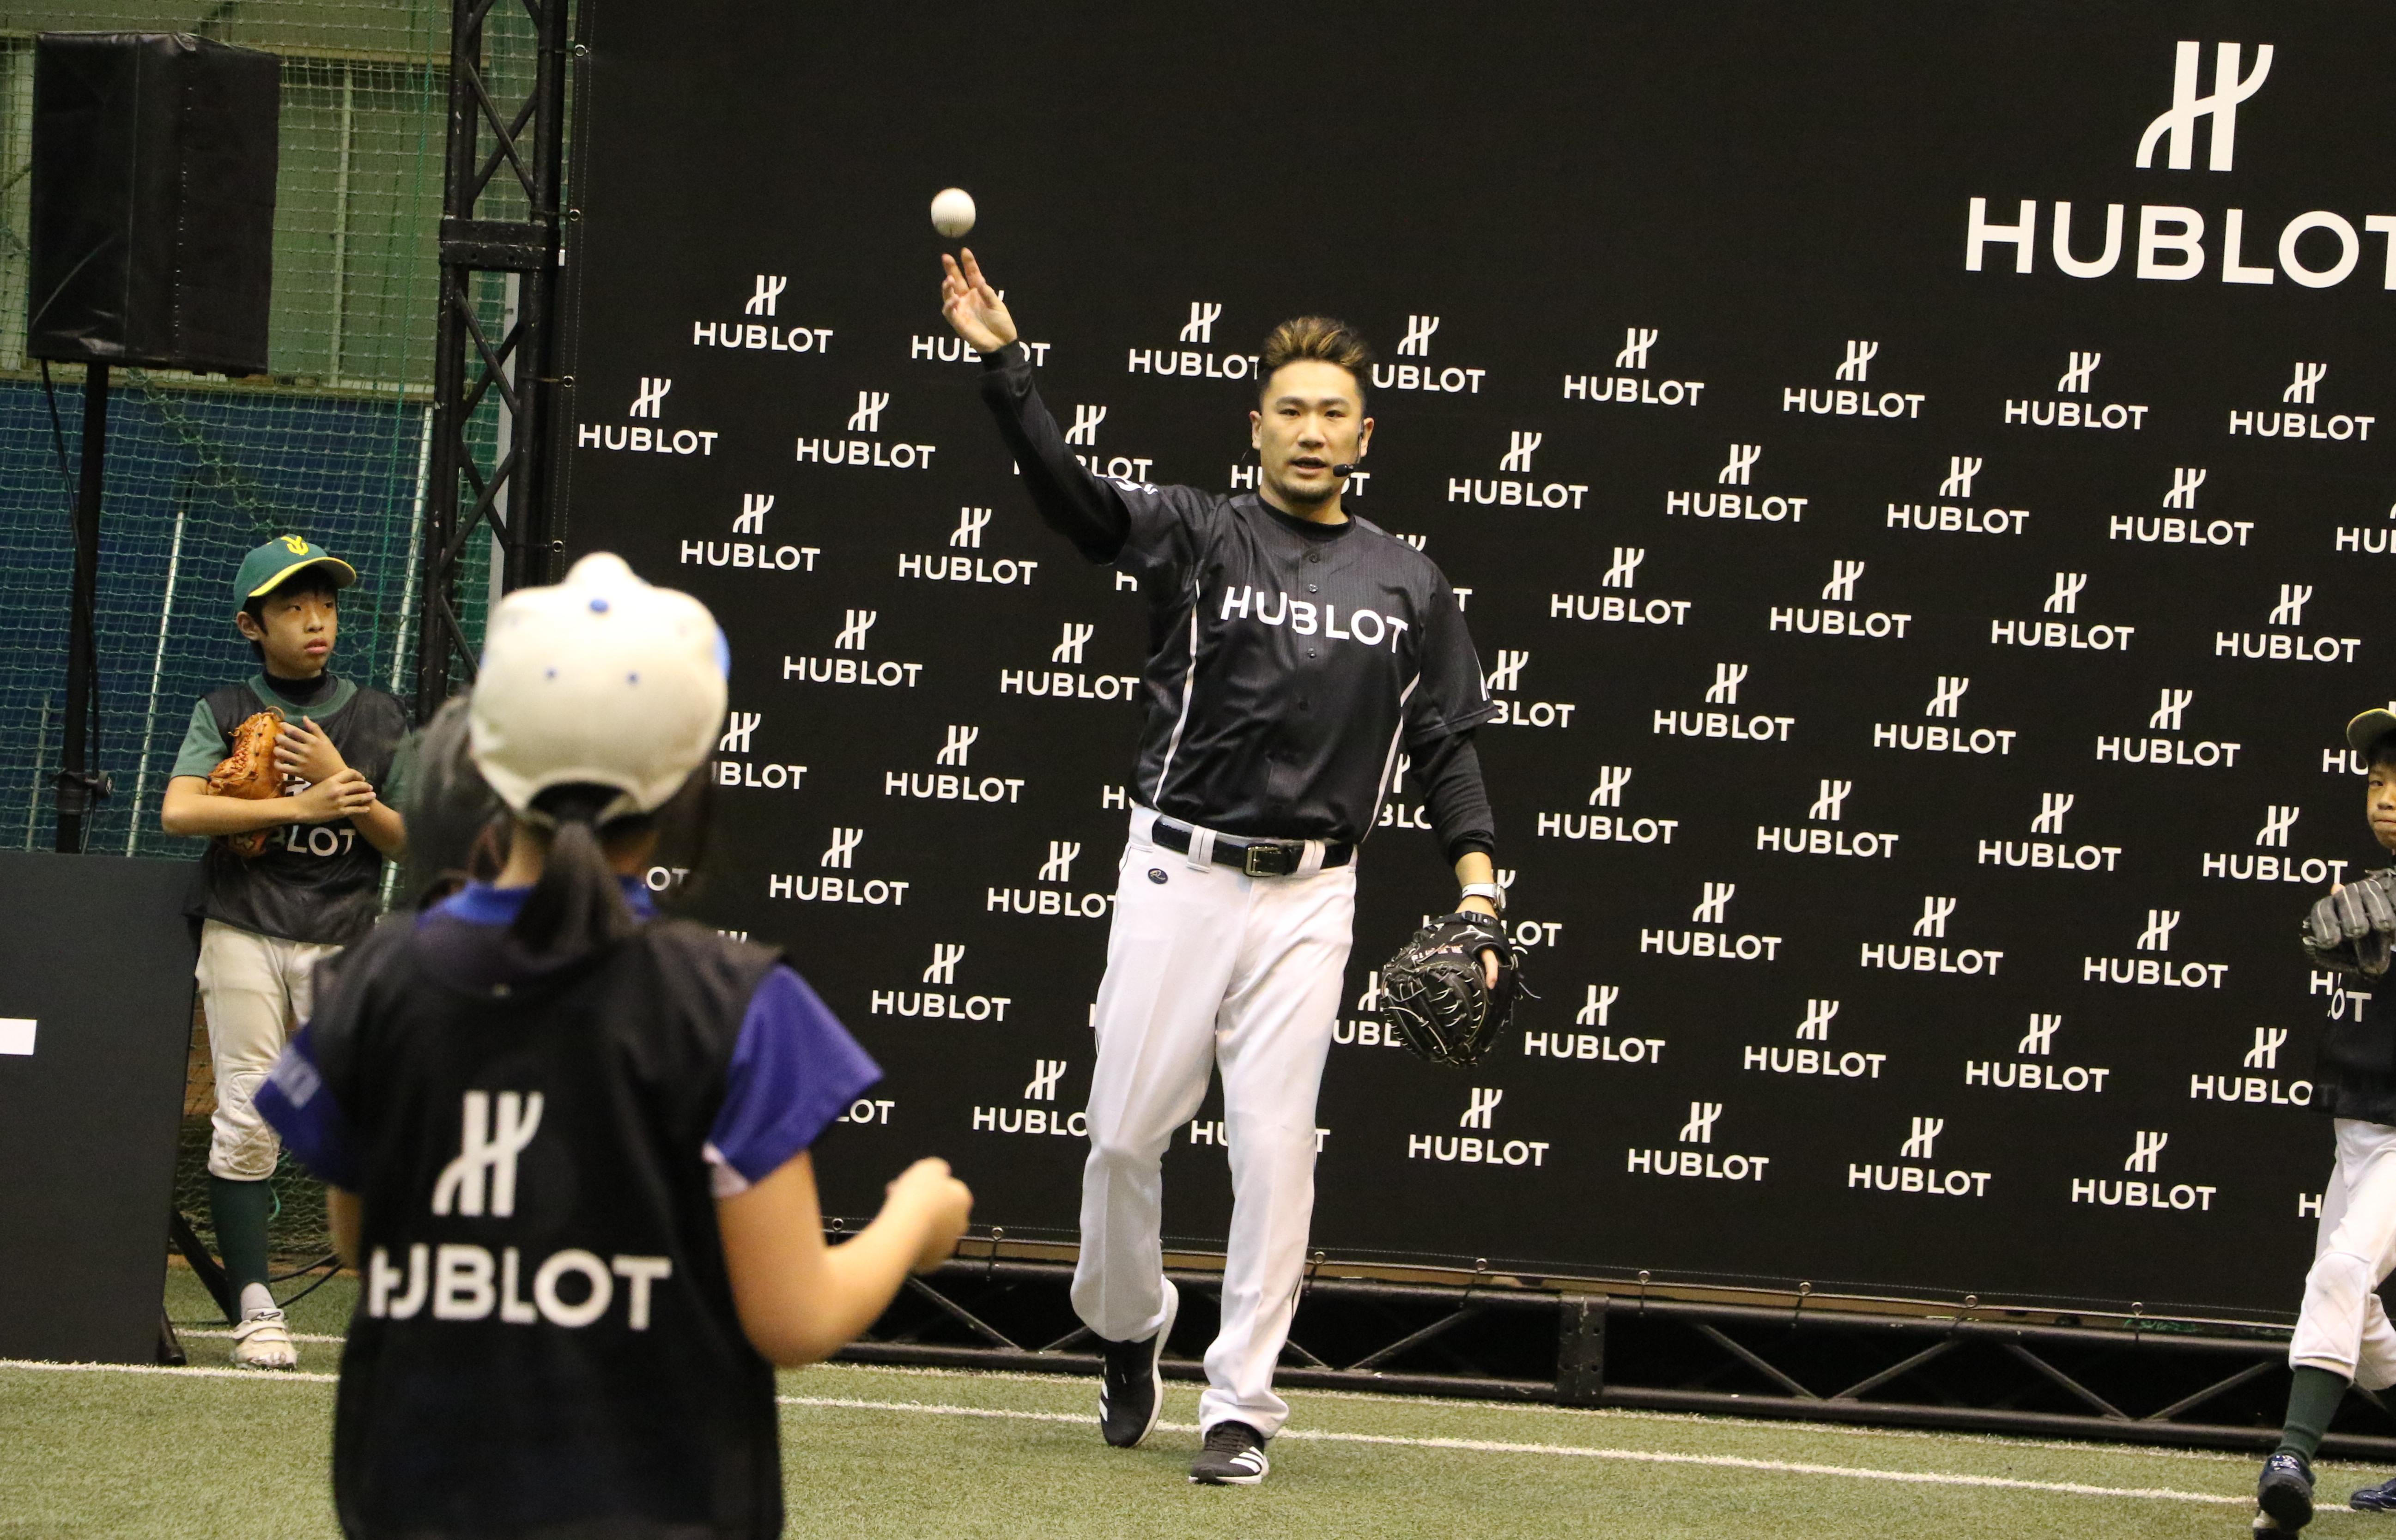 「草野球、僕もしたいですよ」  田中将大、大先輩のイチロー氏に「羨ましい」